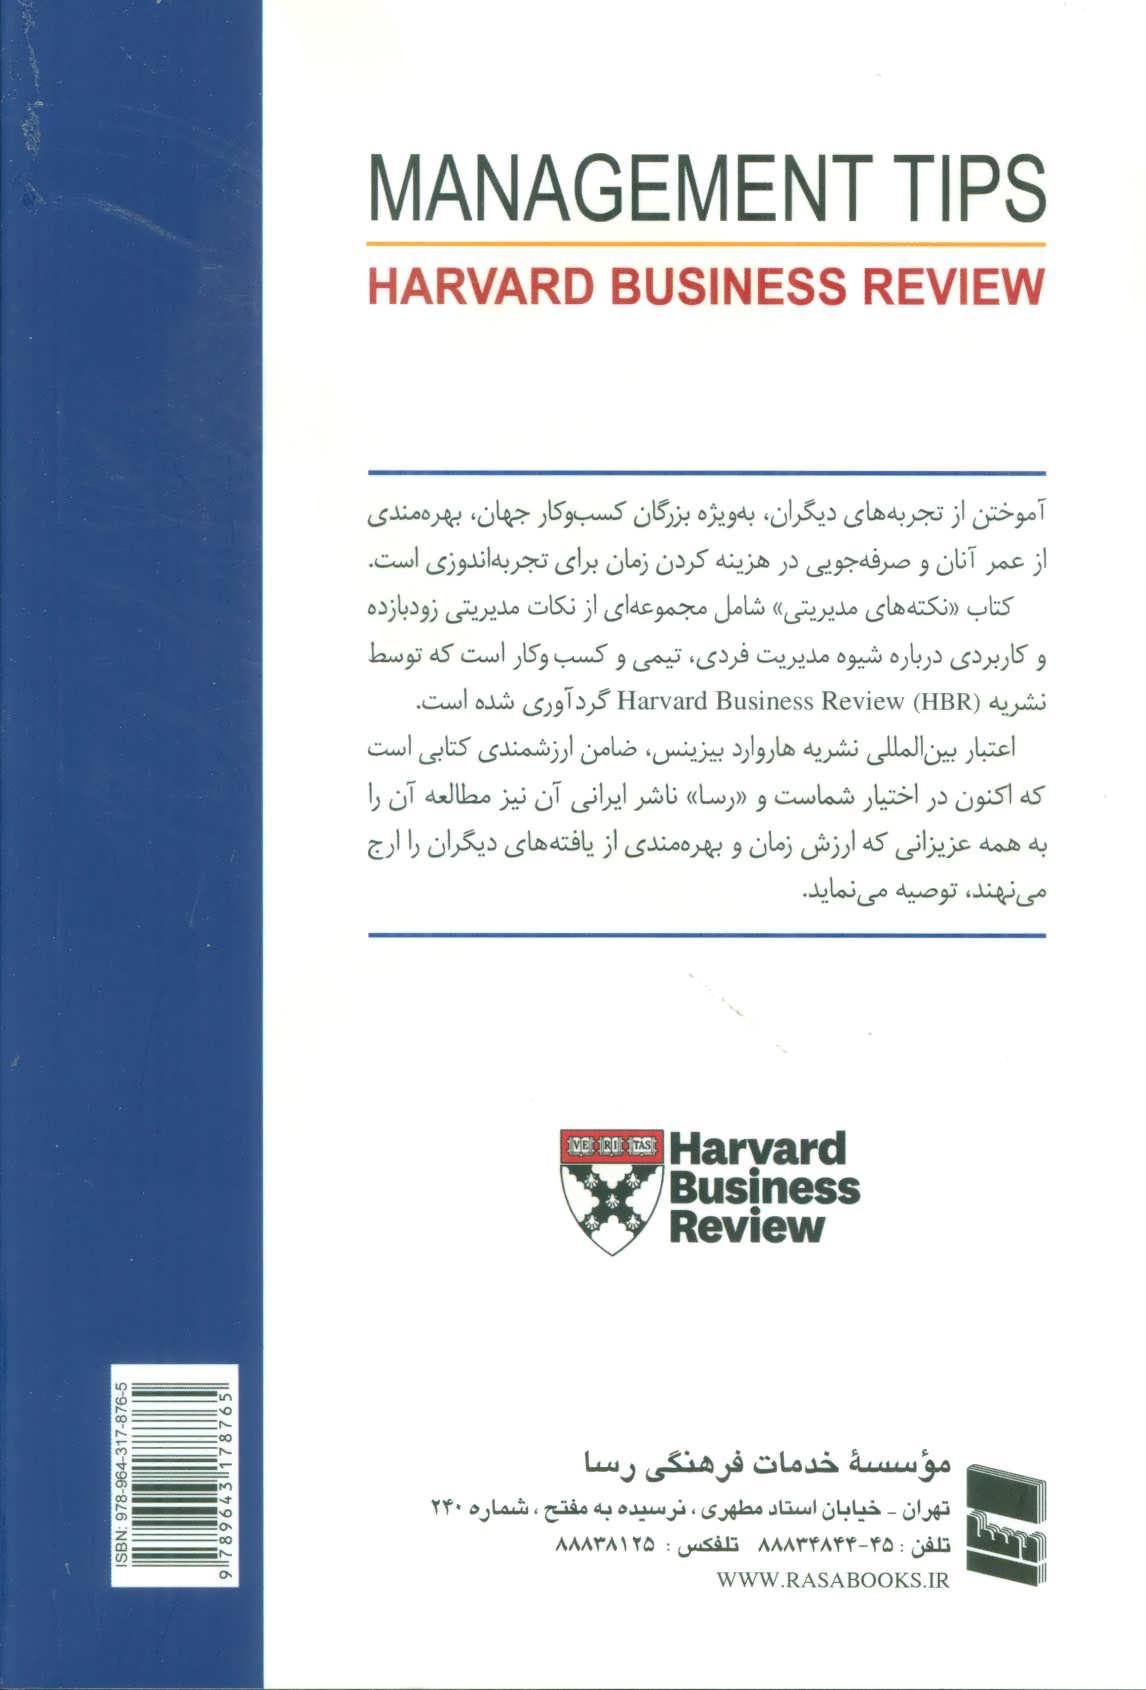 گزیده برترین نکته های مدیریتی (HARVARD BUSINESS REVIEW)